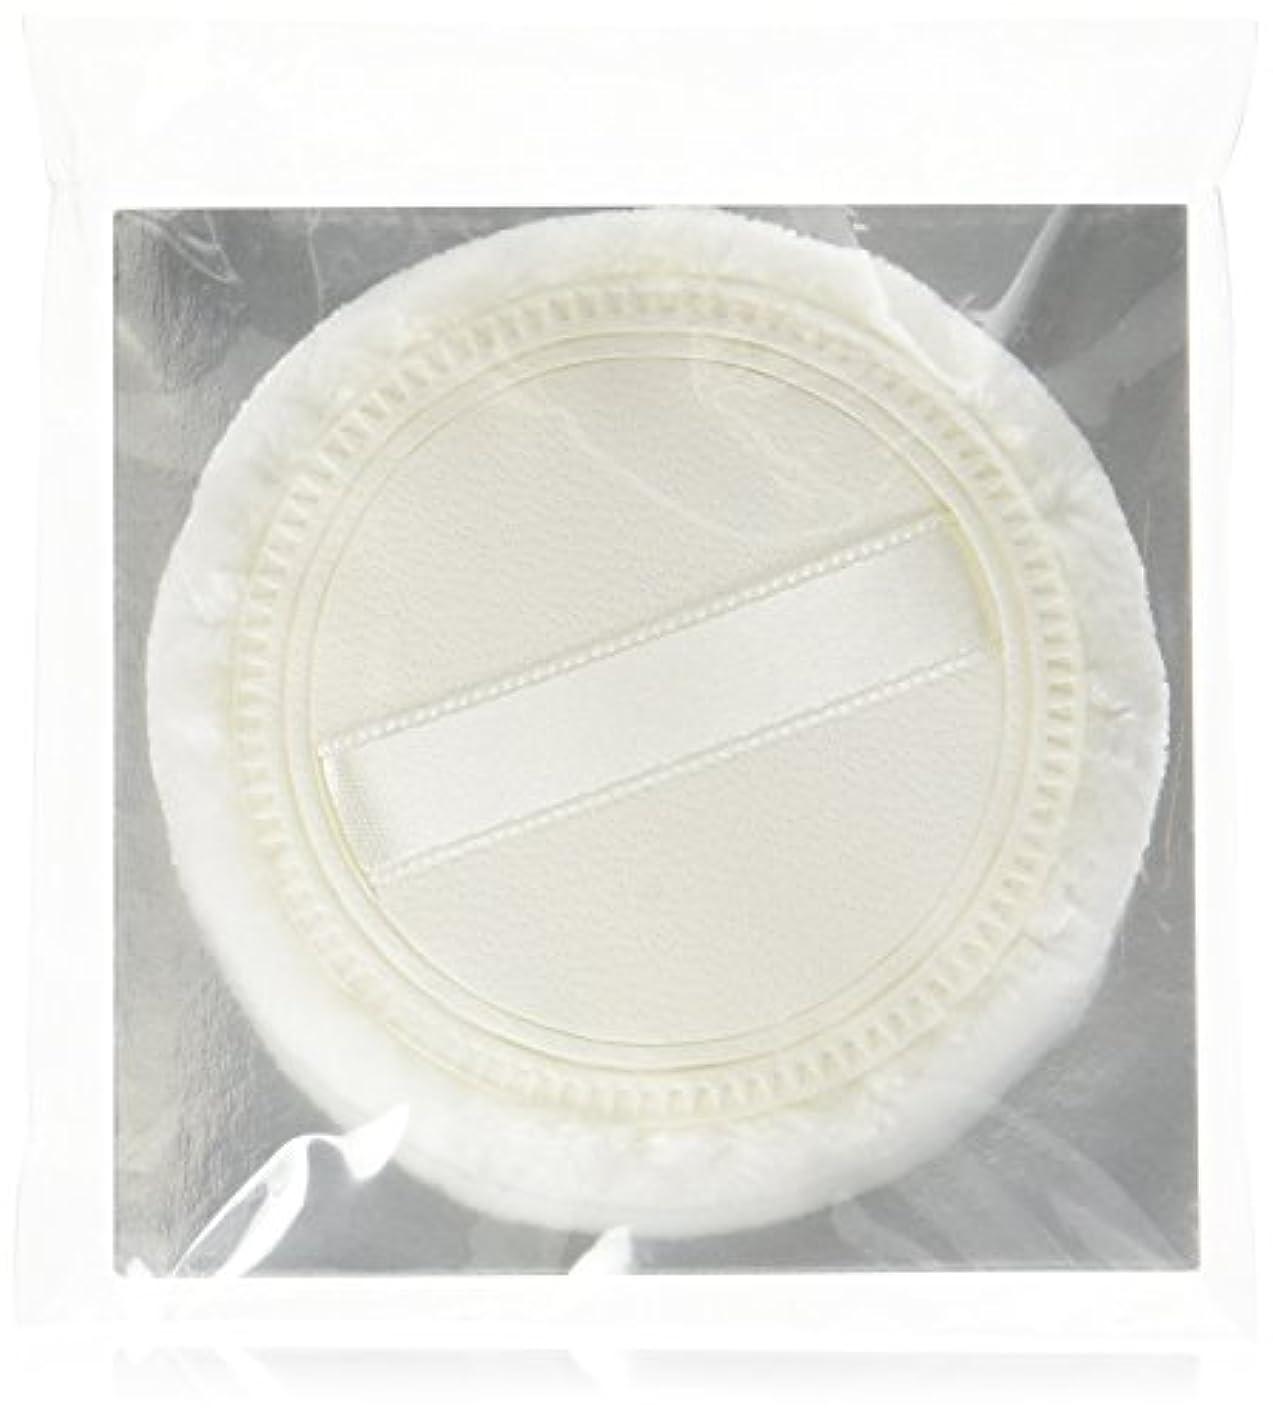 死オークション刃ケサランパサラン シアーマイクロプレストパウダーパフS